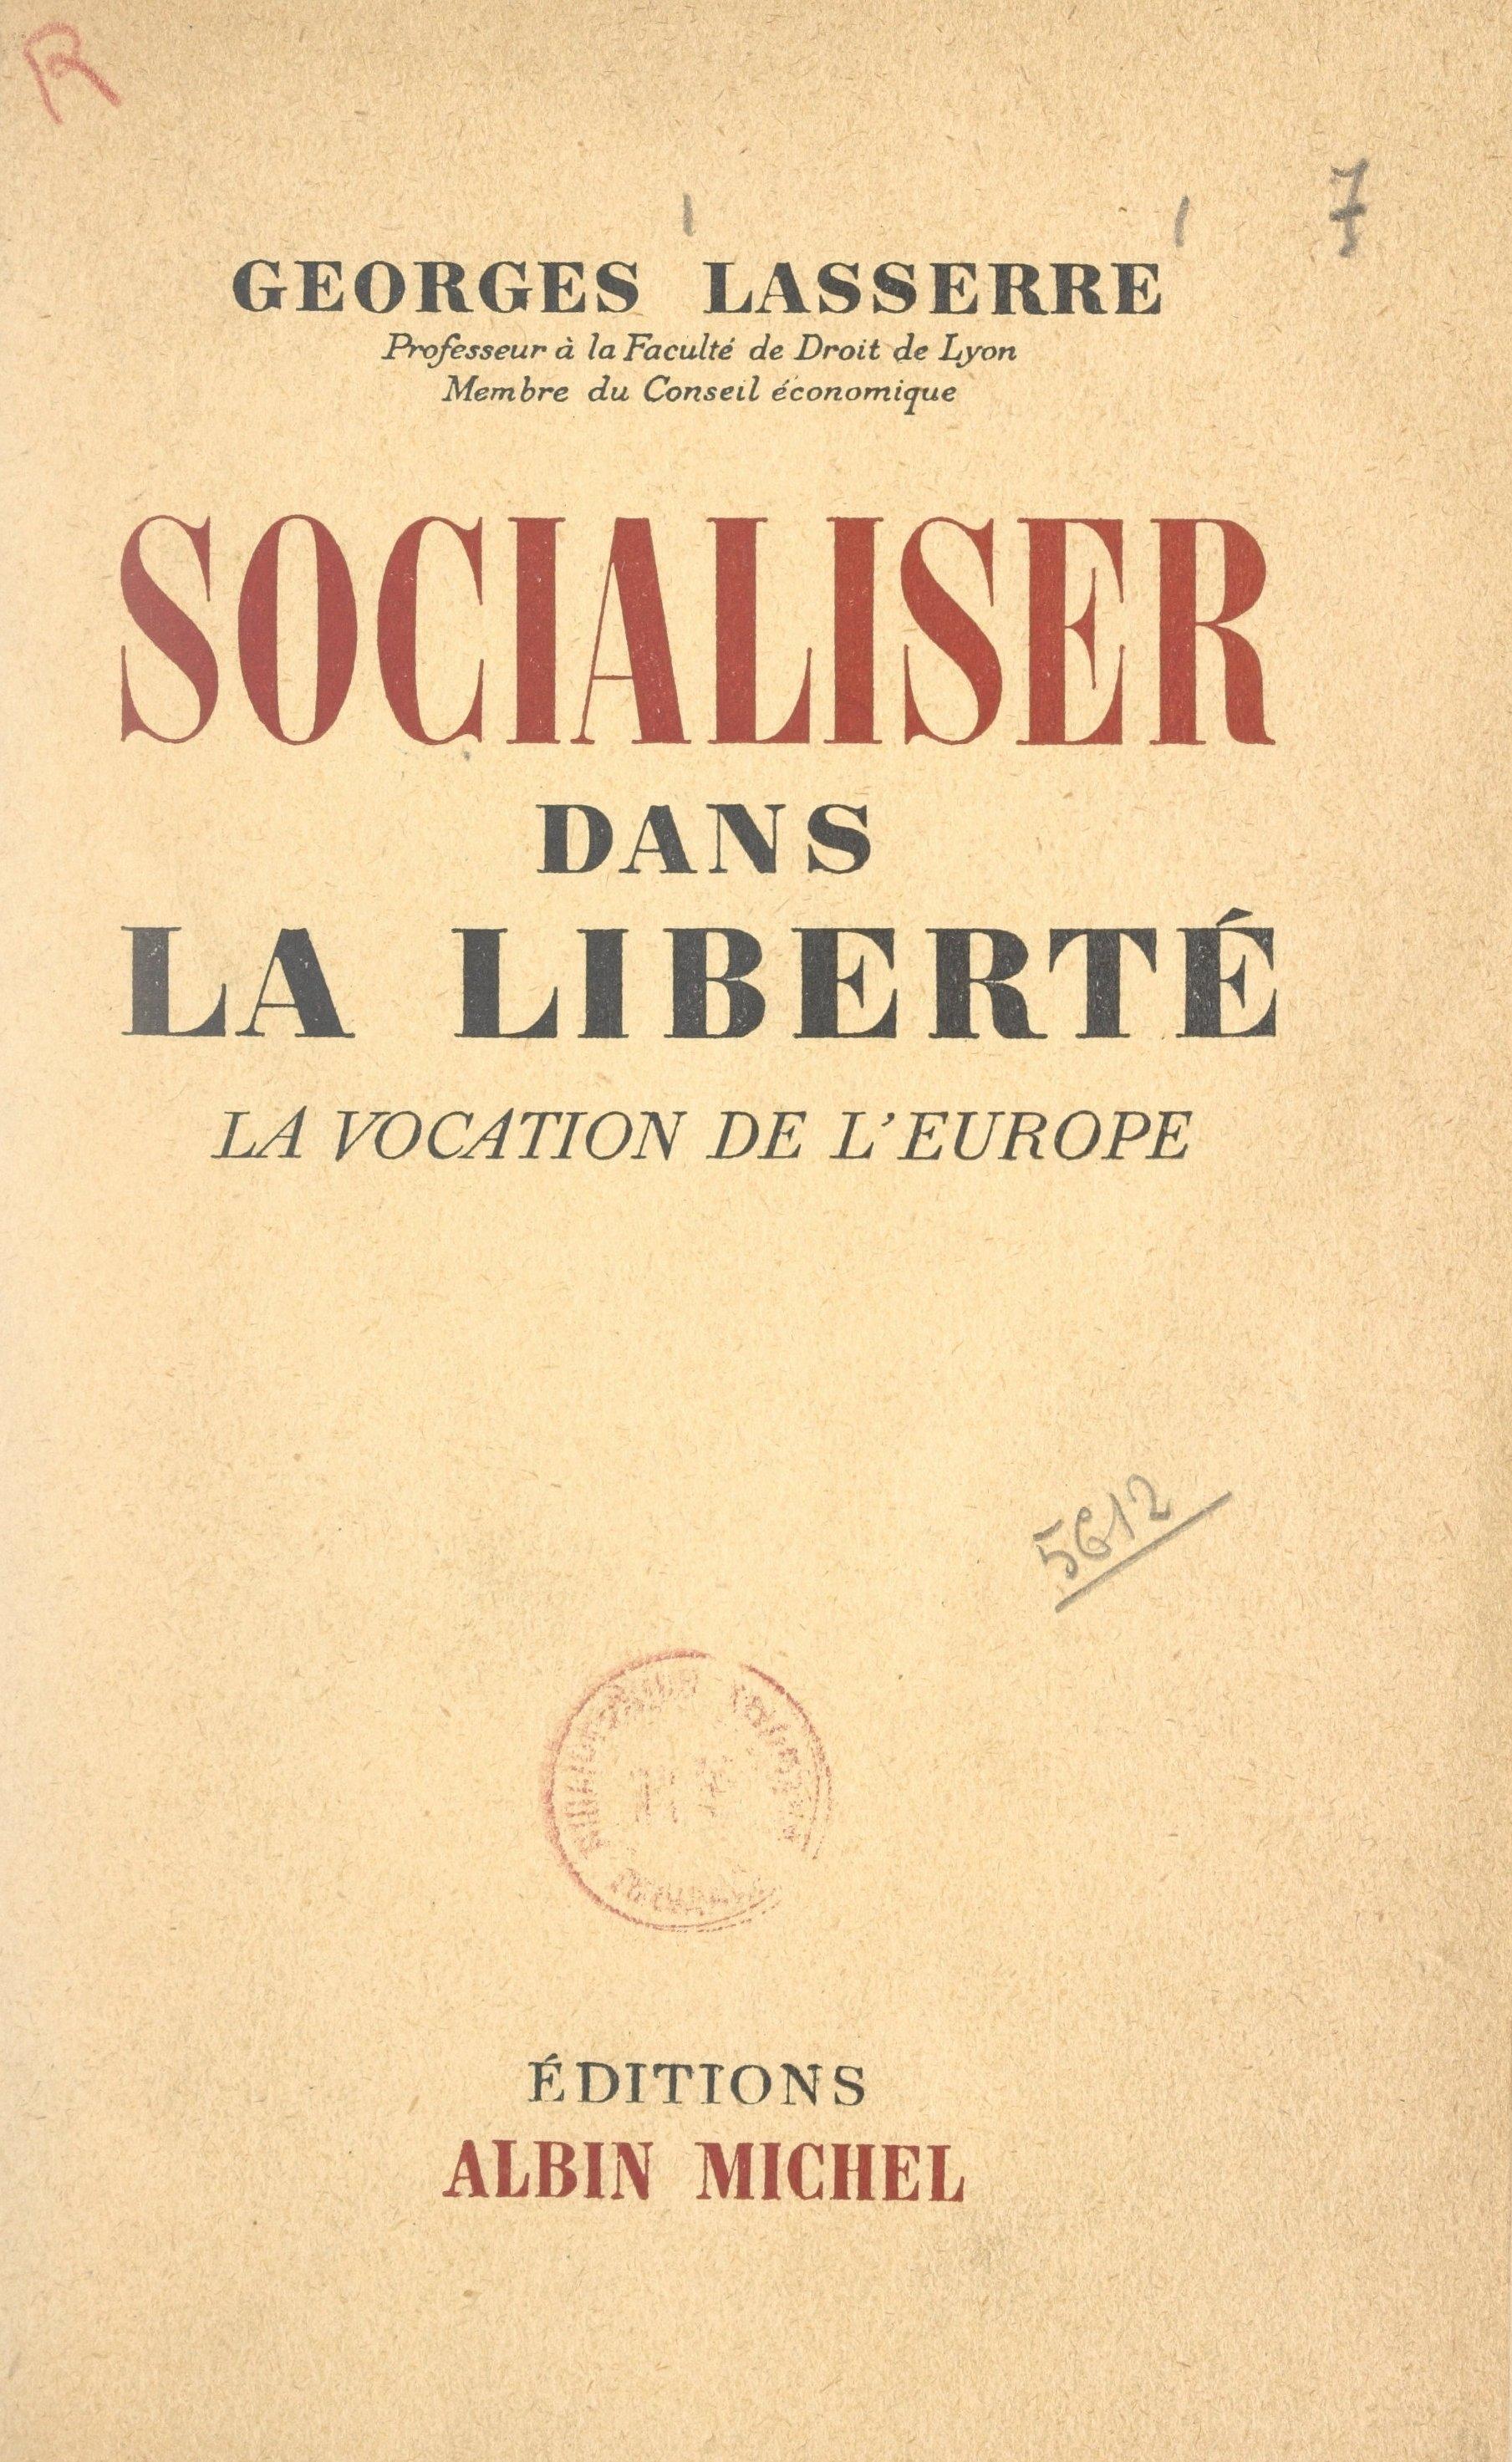 Socialiser dans la liberté